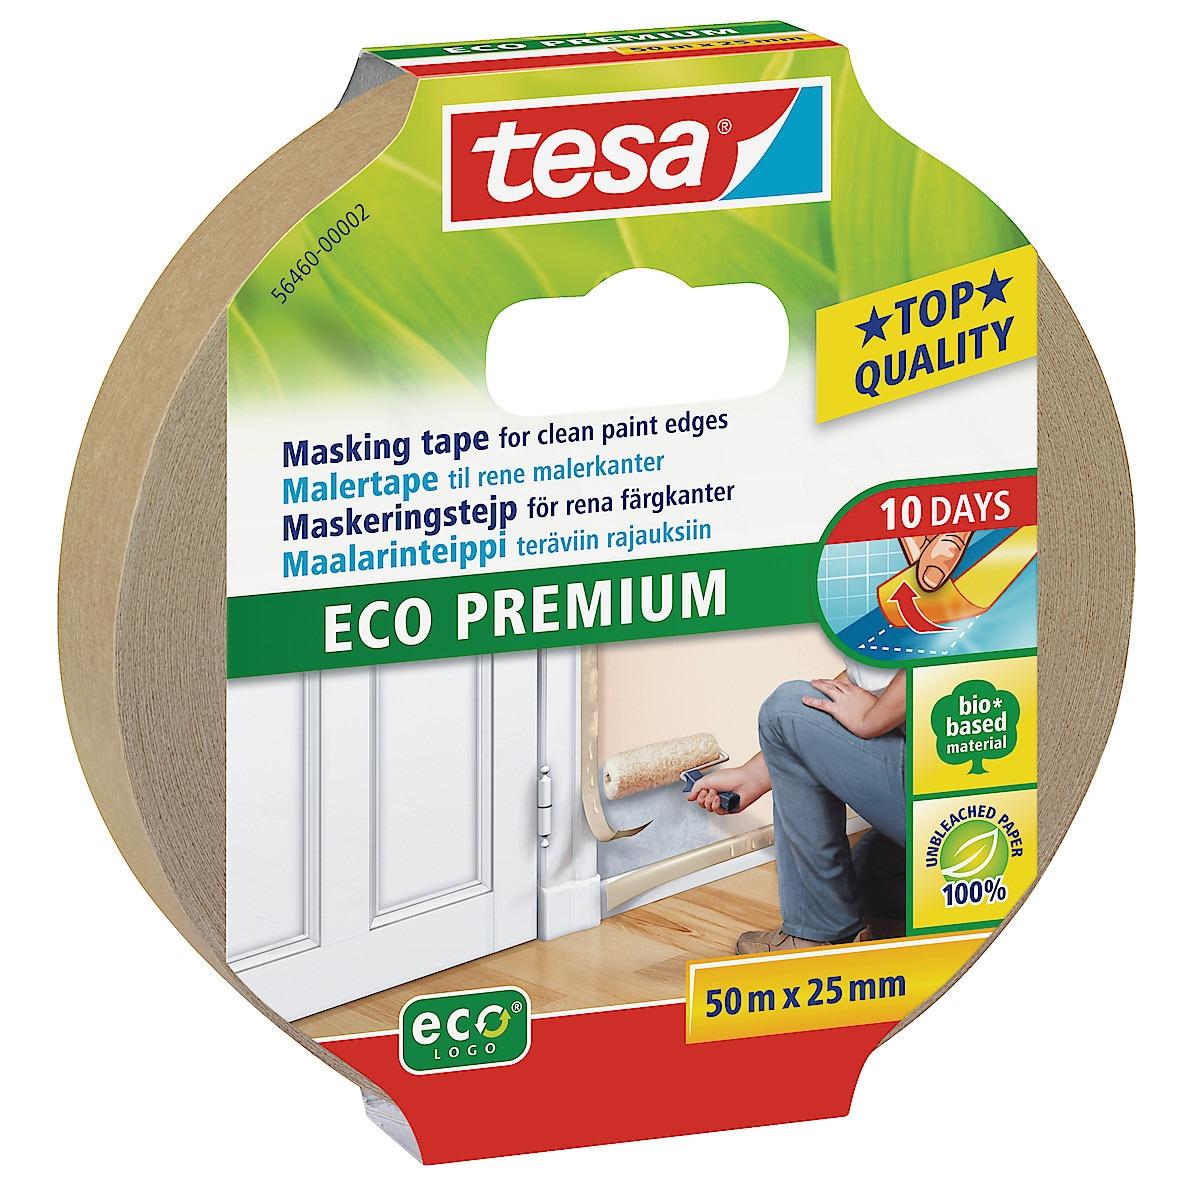 Tesa Eco Premium maskeringsteip